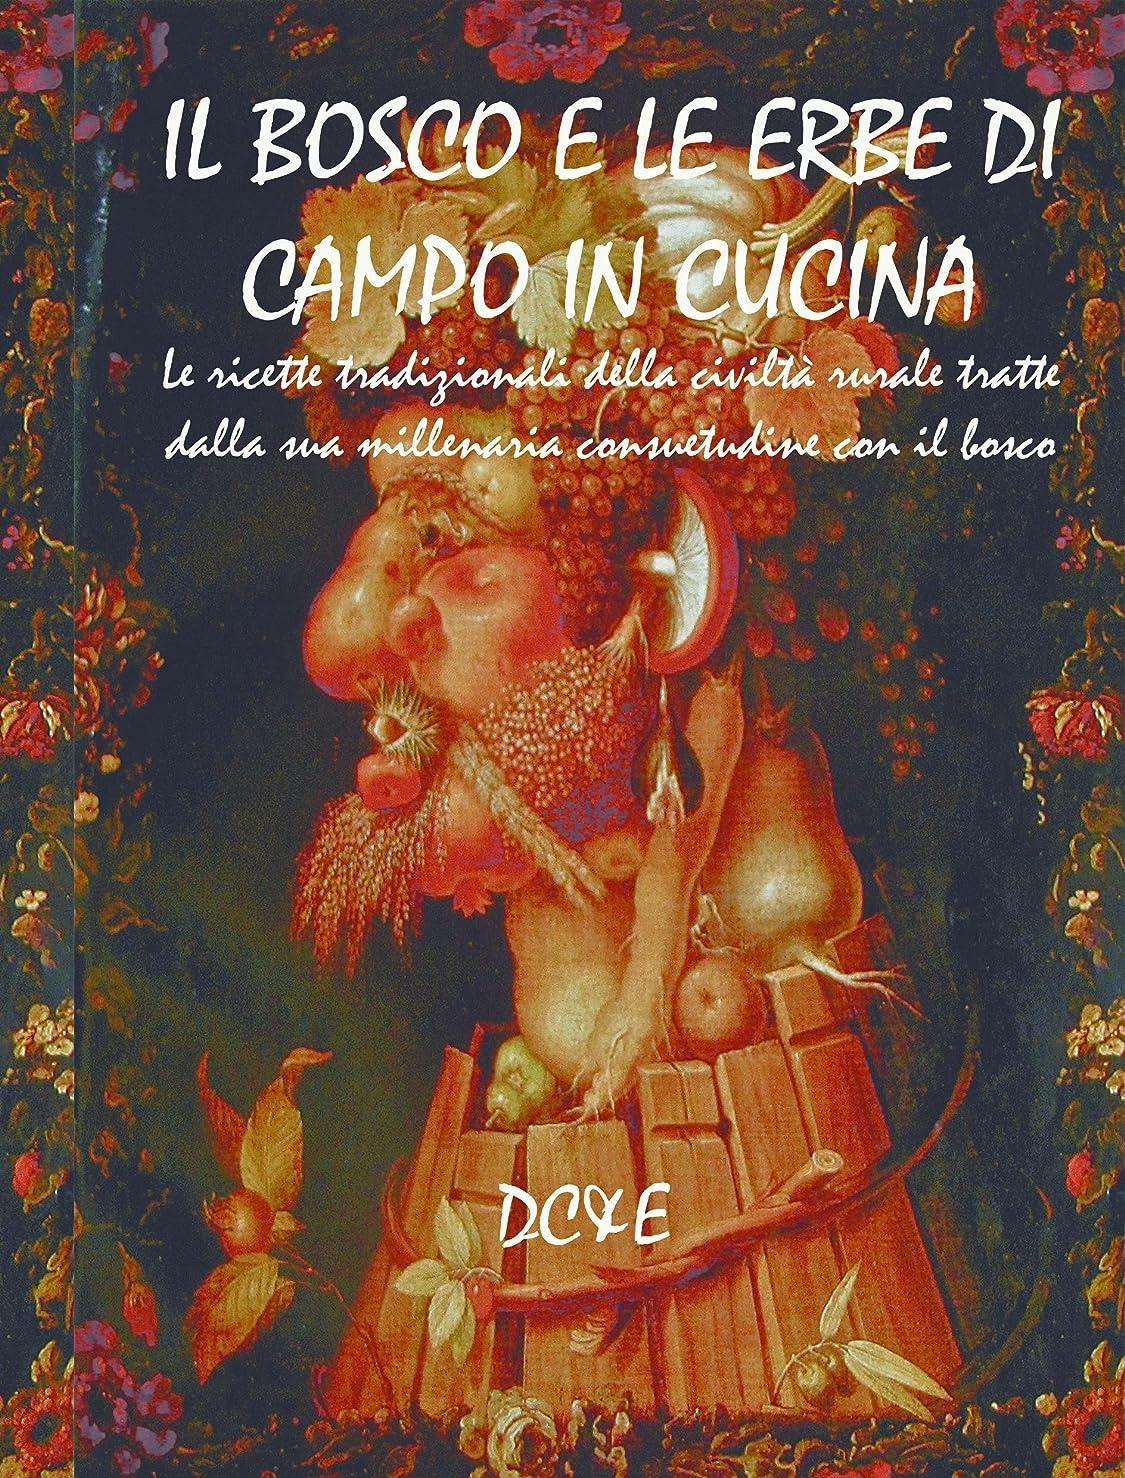 モンキー太鼓腹車両IL BOSCO E LE ERBE DI CAMPO IN CUCINA (Italian Edition)